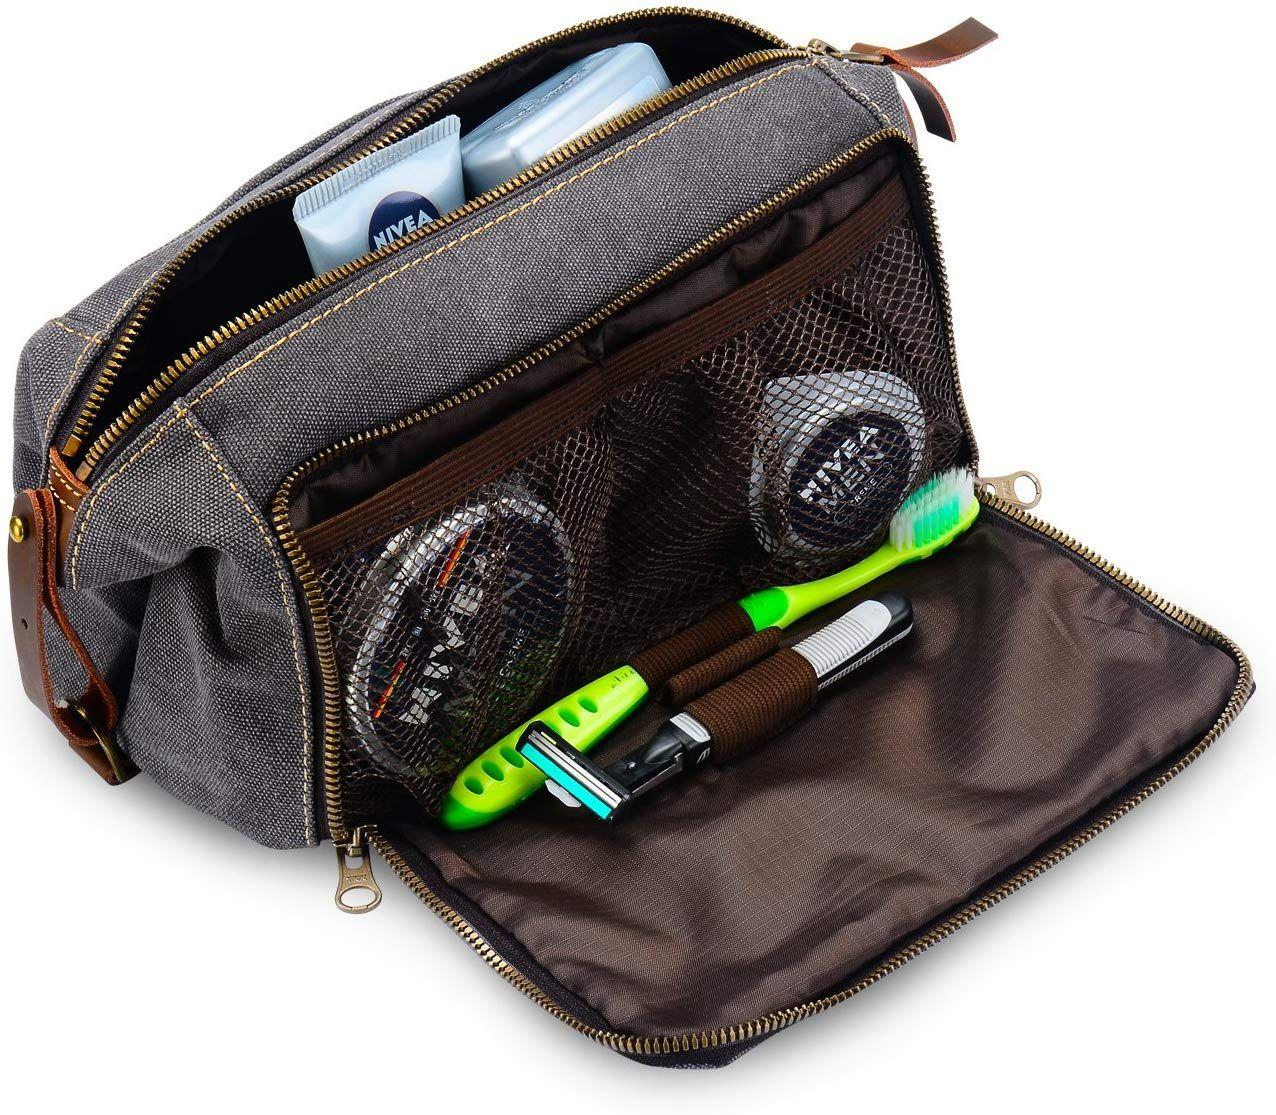 DOPP Kit Mens Toiletry Travel Bag YKK Zipper